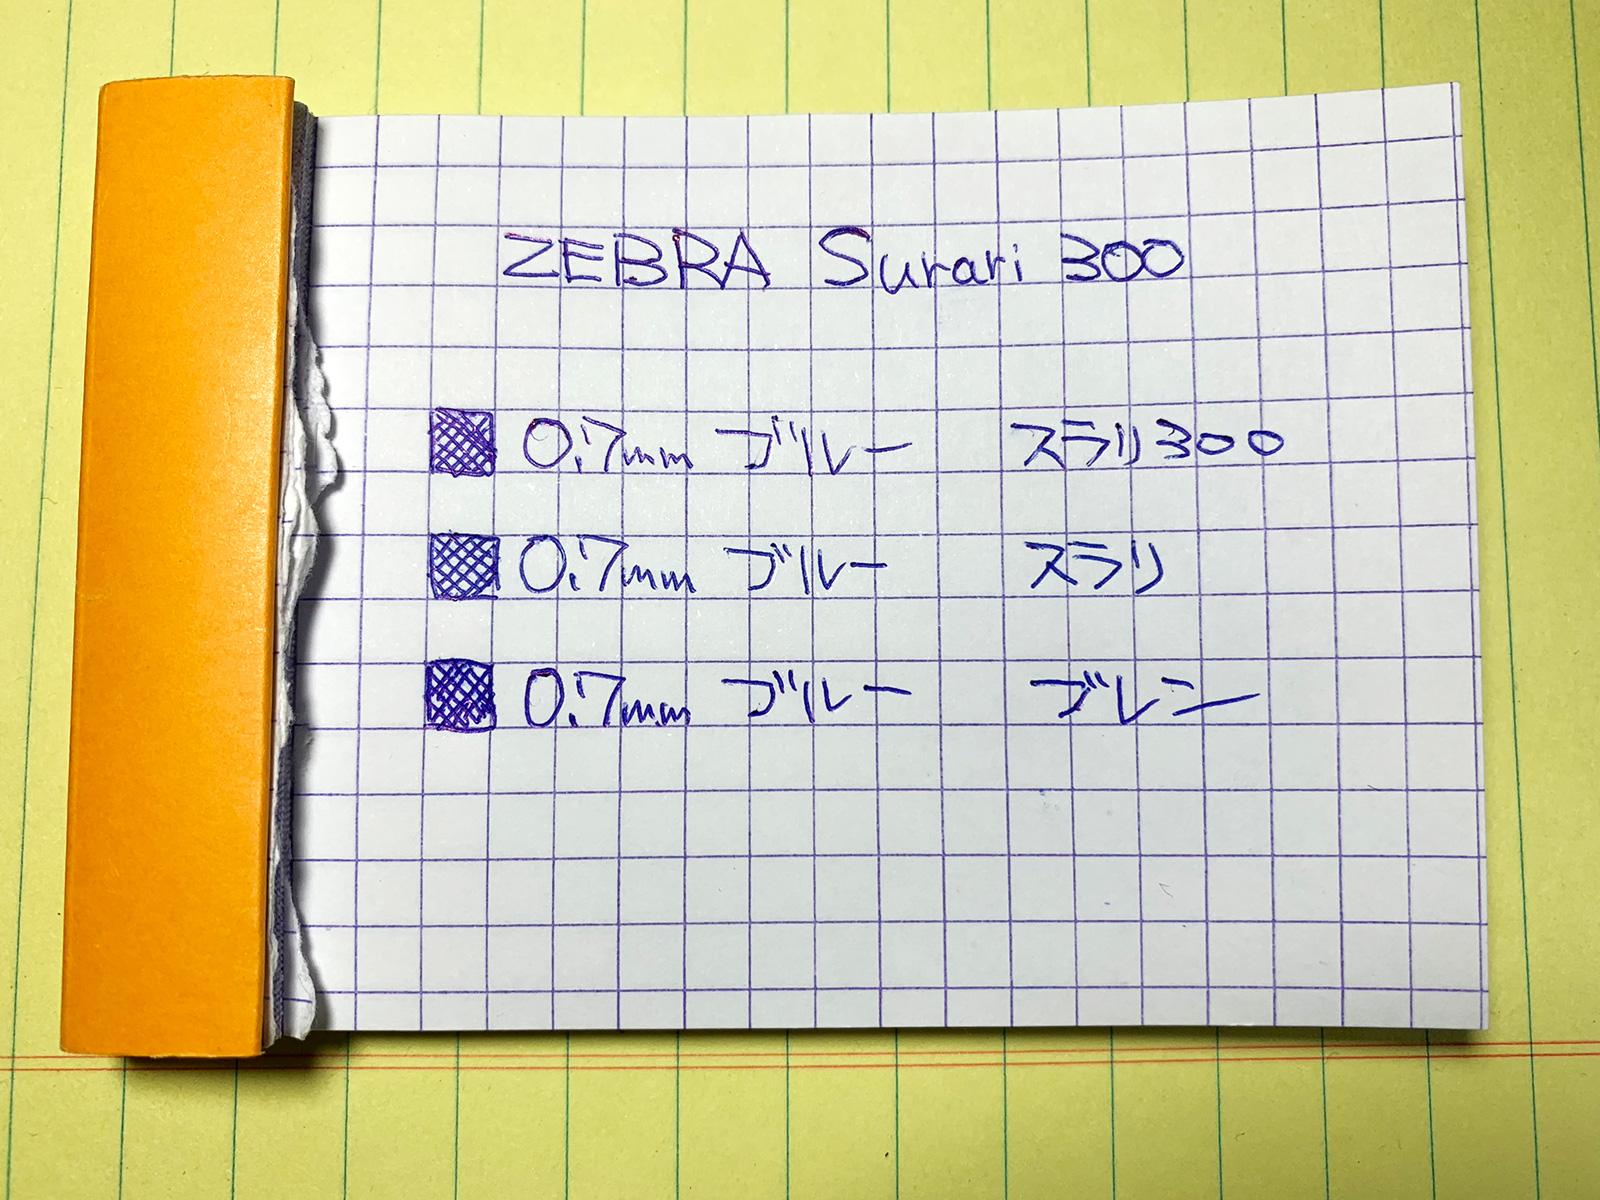 ブレン・スラリ・スラリ300で書いてみた